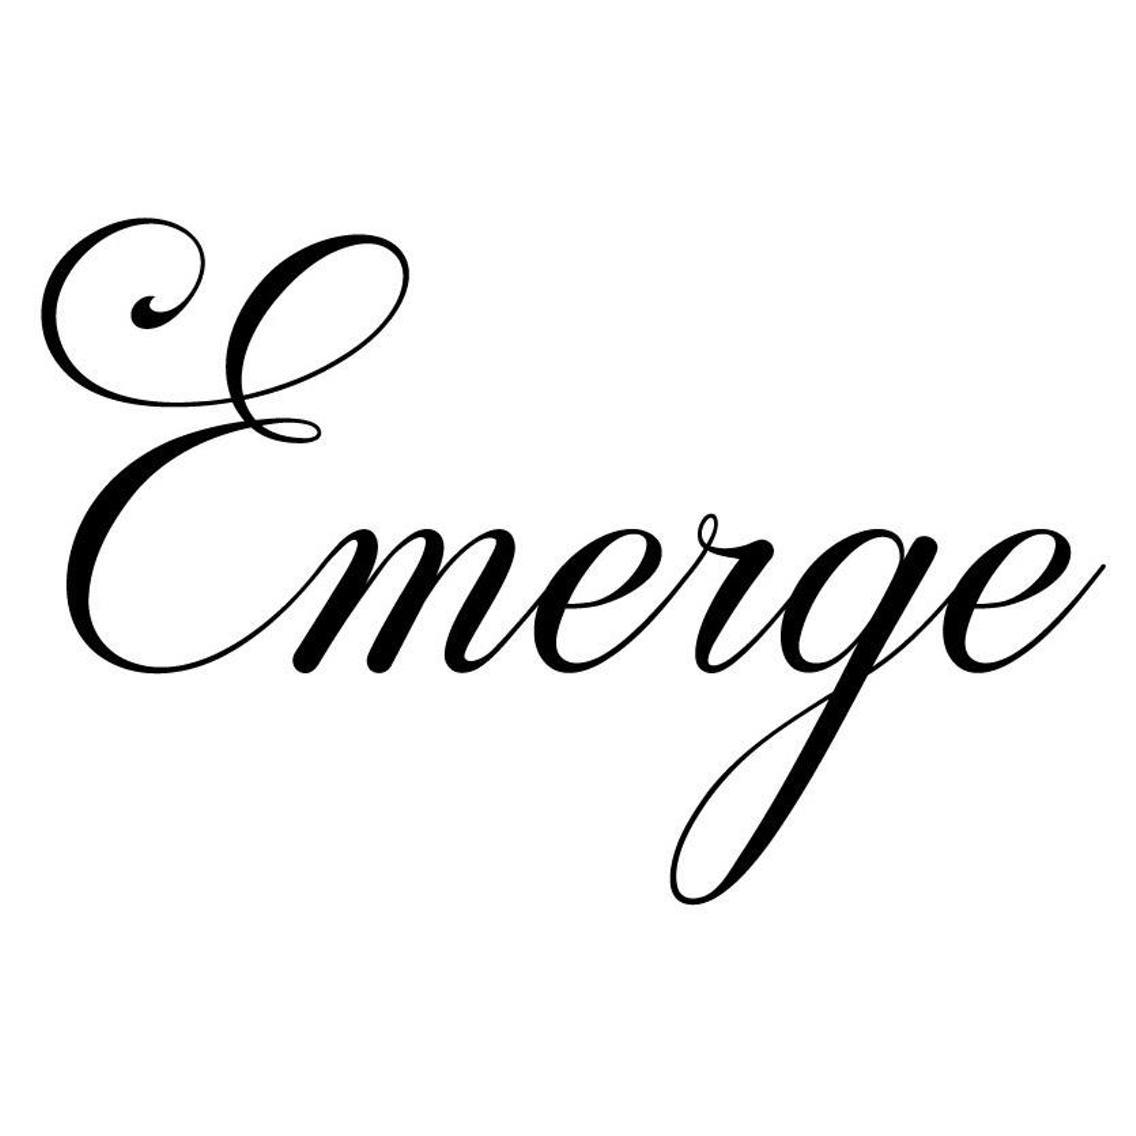 Emerge代々木店所属・Emerge アカデミー【智加】の掲載